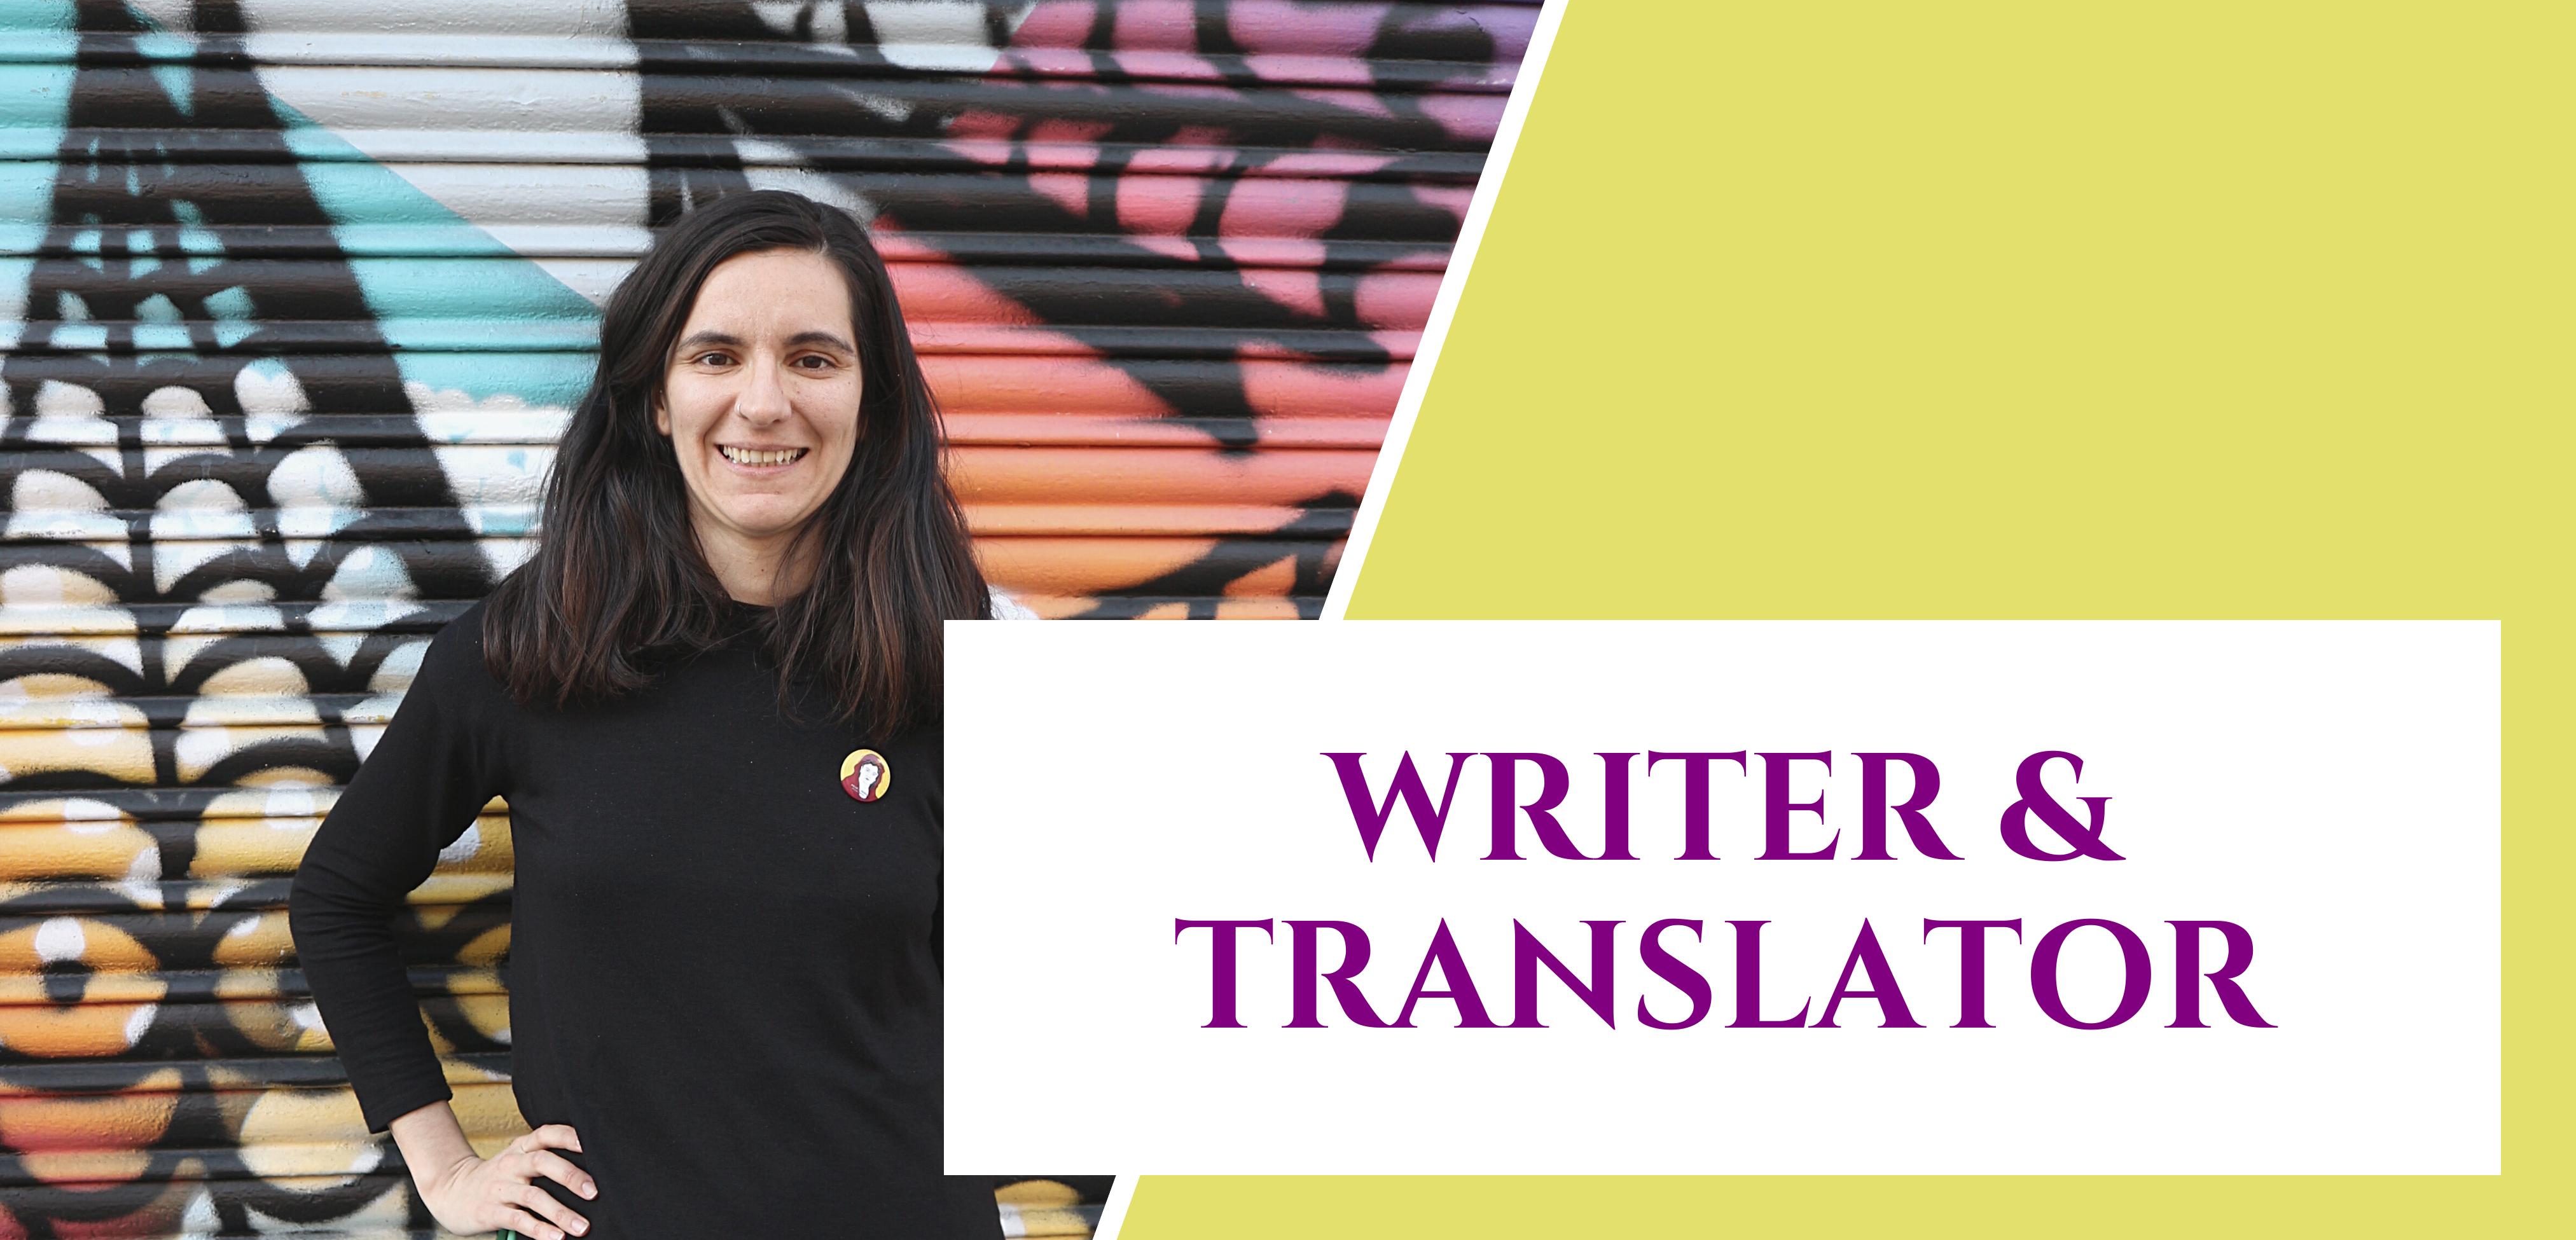 Writer and translator